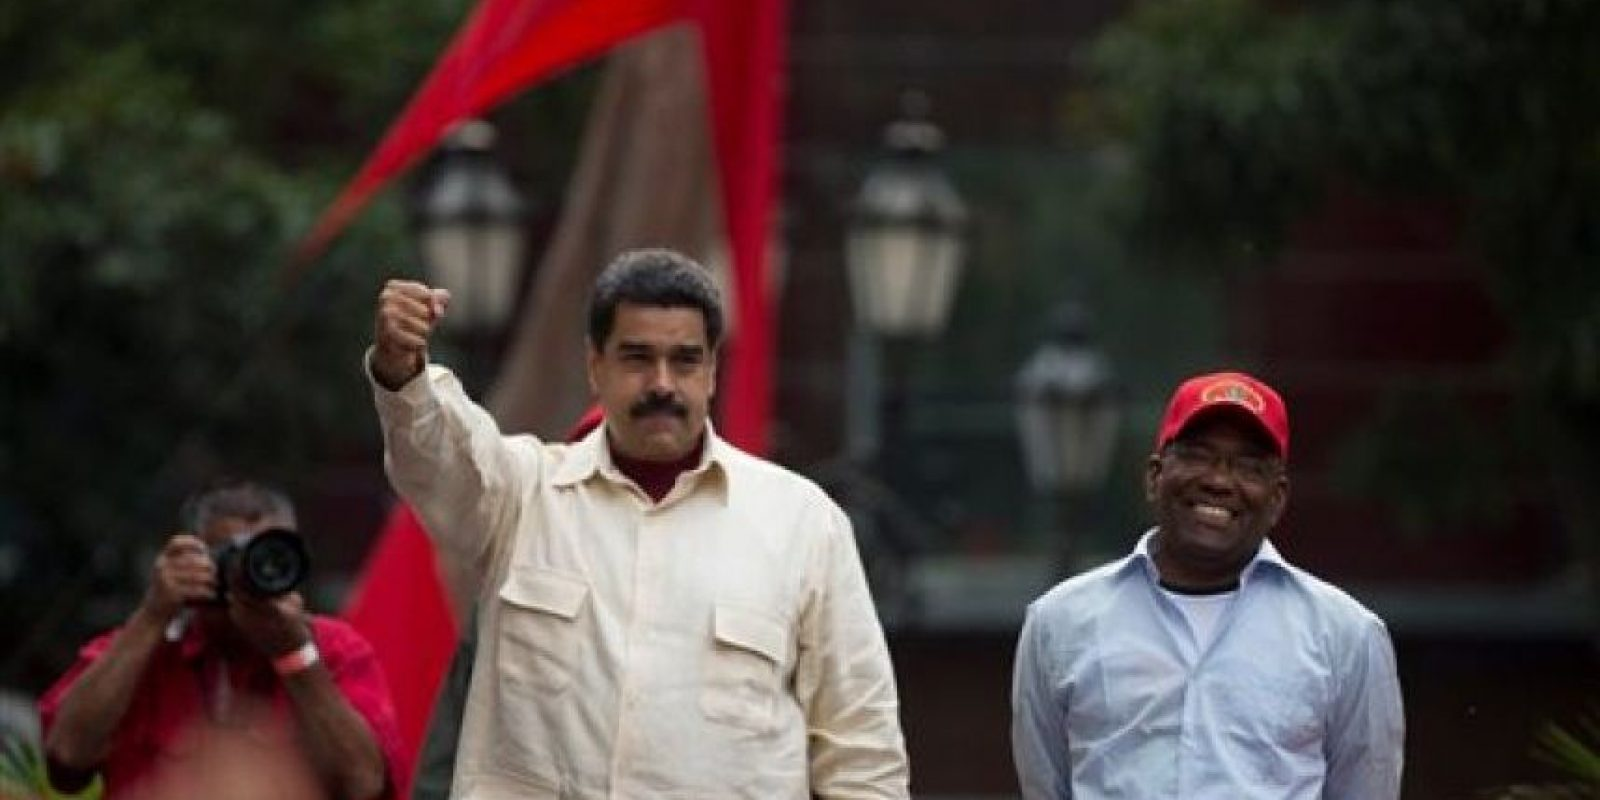 Nicolás Maduro es presidente de Venezuela desde el 19 de abril de 2013. Foto:AP